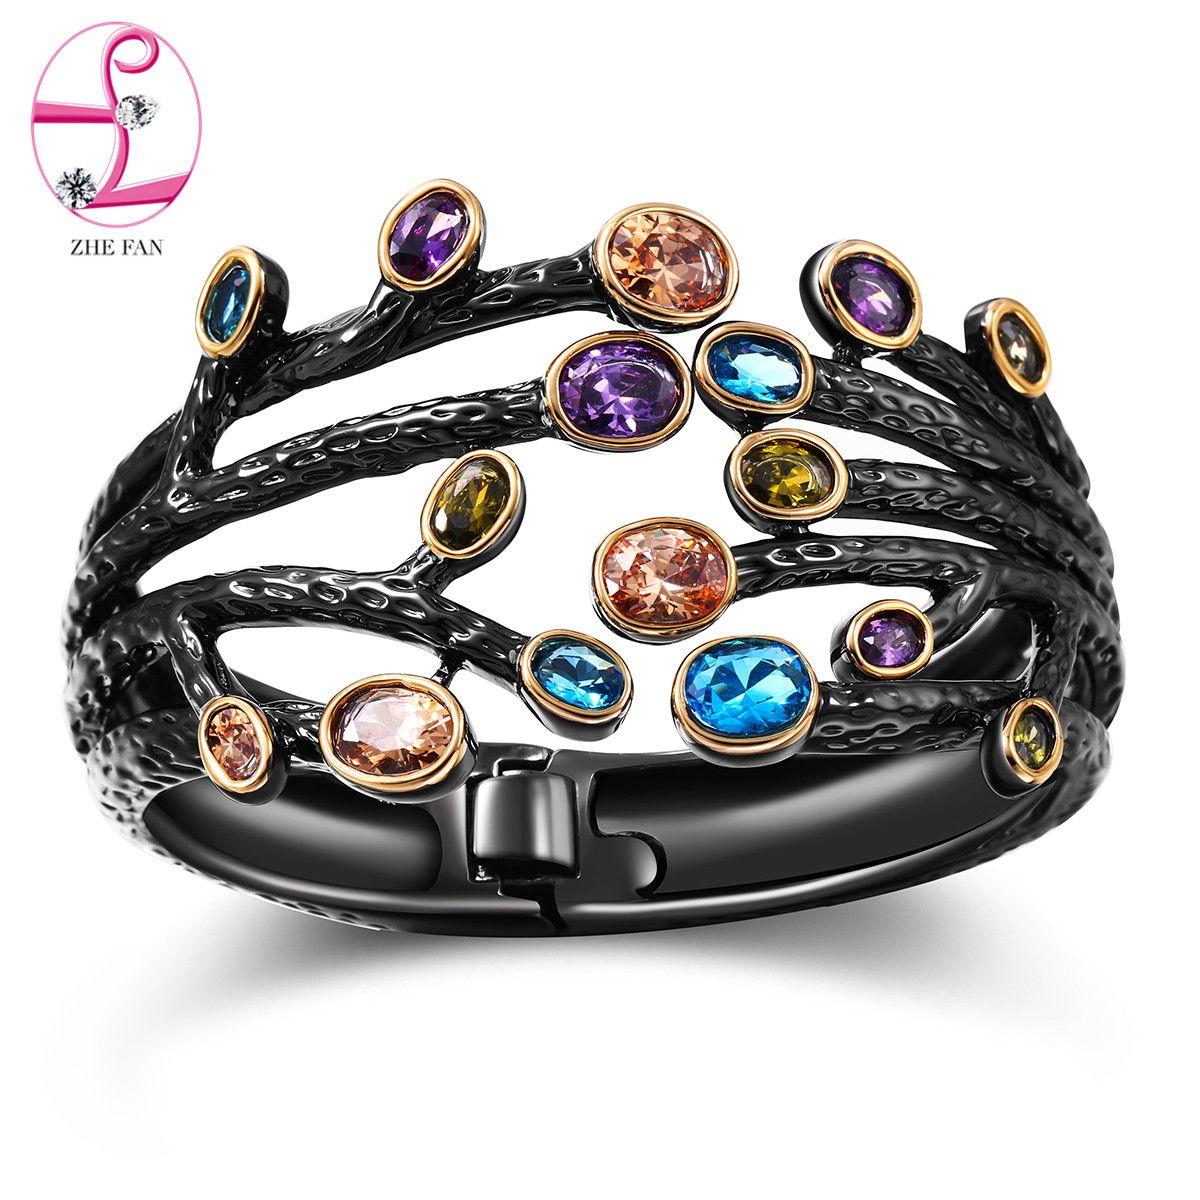 ZHE FAN Femmes Grand Cru Brassard Ouvert Bracelet Bracelet AAA Cubique Zircone Noir Or Couleur Plaqué Branches Large Bijoux Cadeau